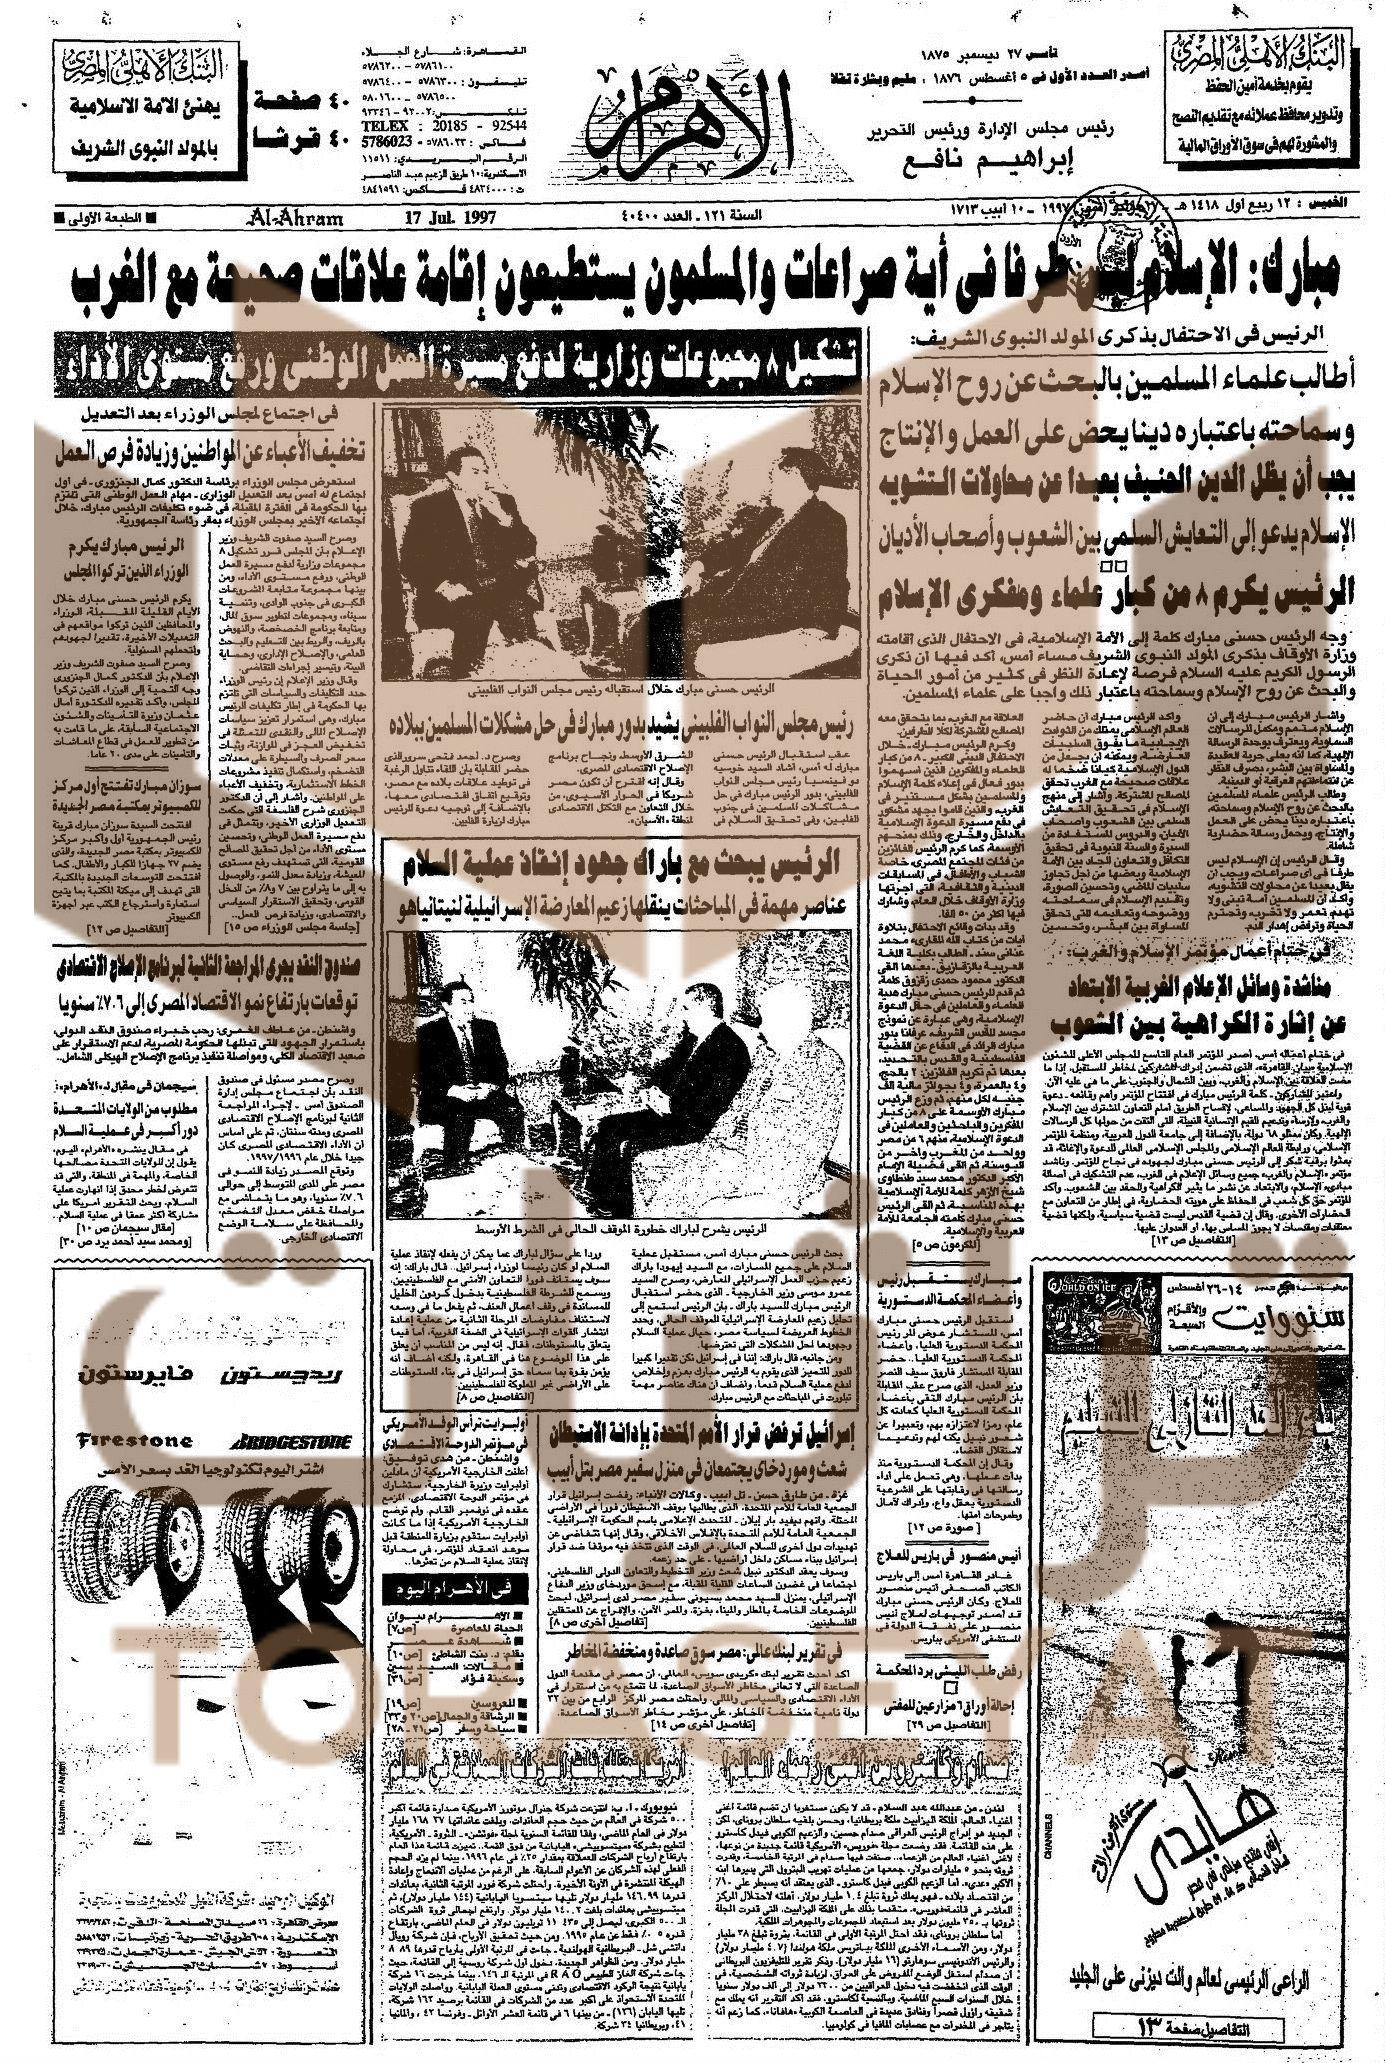 احتفال المولد النبوي سنة 1997